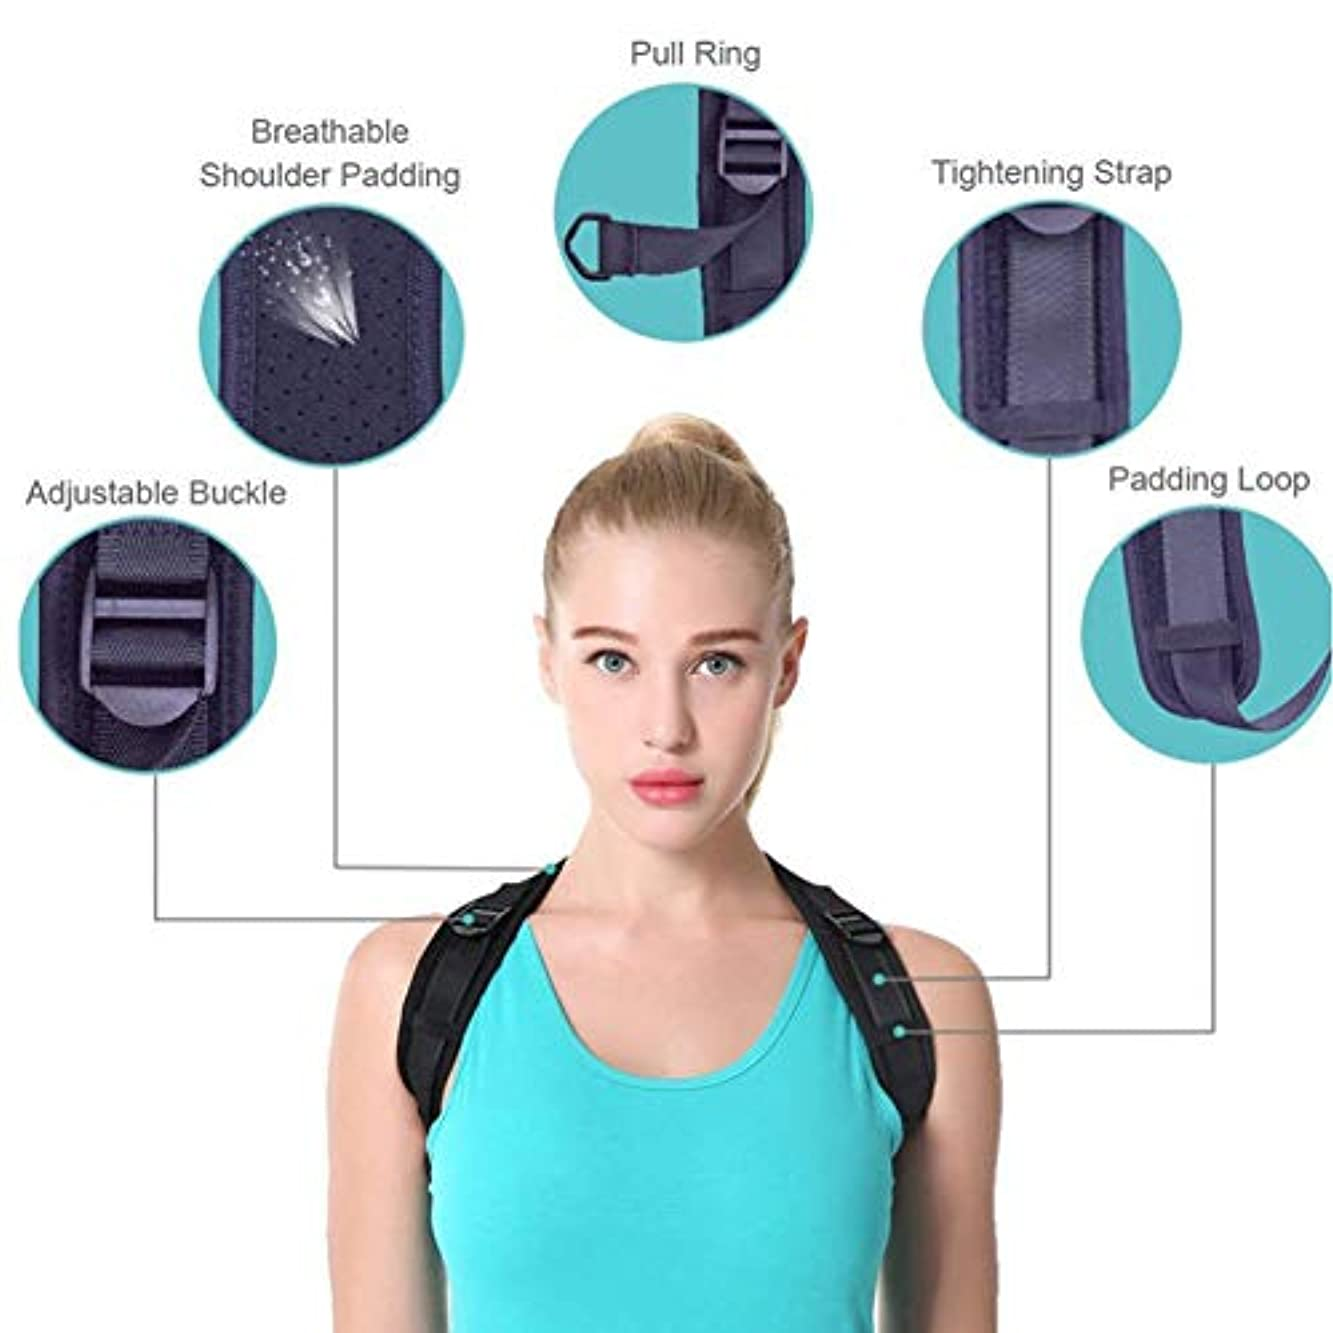 ライトニング夜明けに新しさ調整可能な装具姿勢補正器黒バックショルダー補正器サポートブレースベルト用男性女性子供 b823 (Color : Pu-bust (25-50 inches))